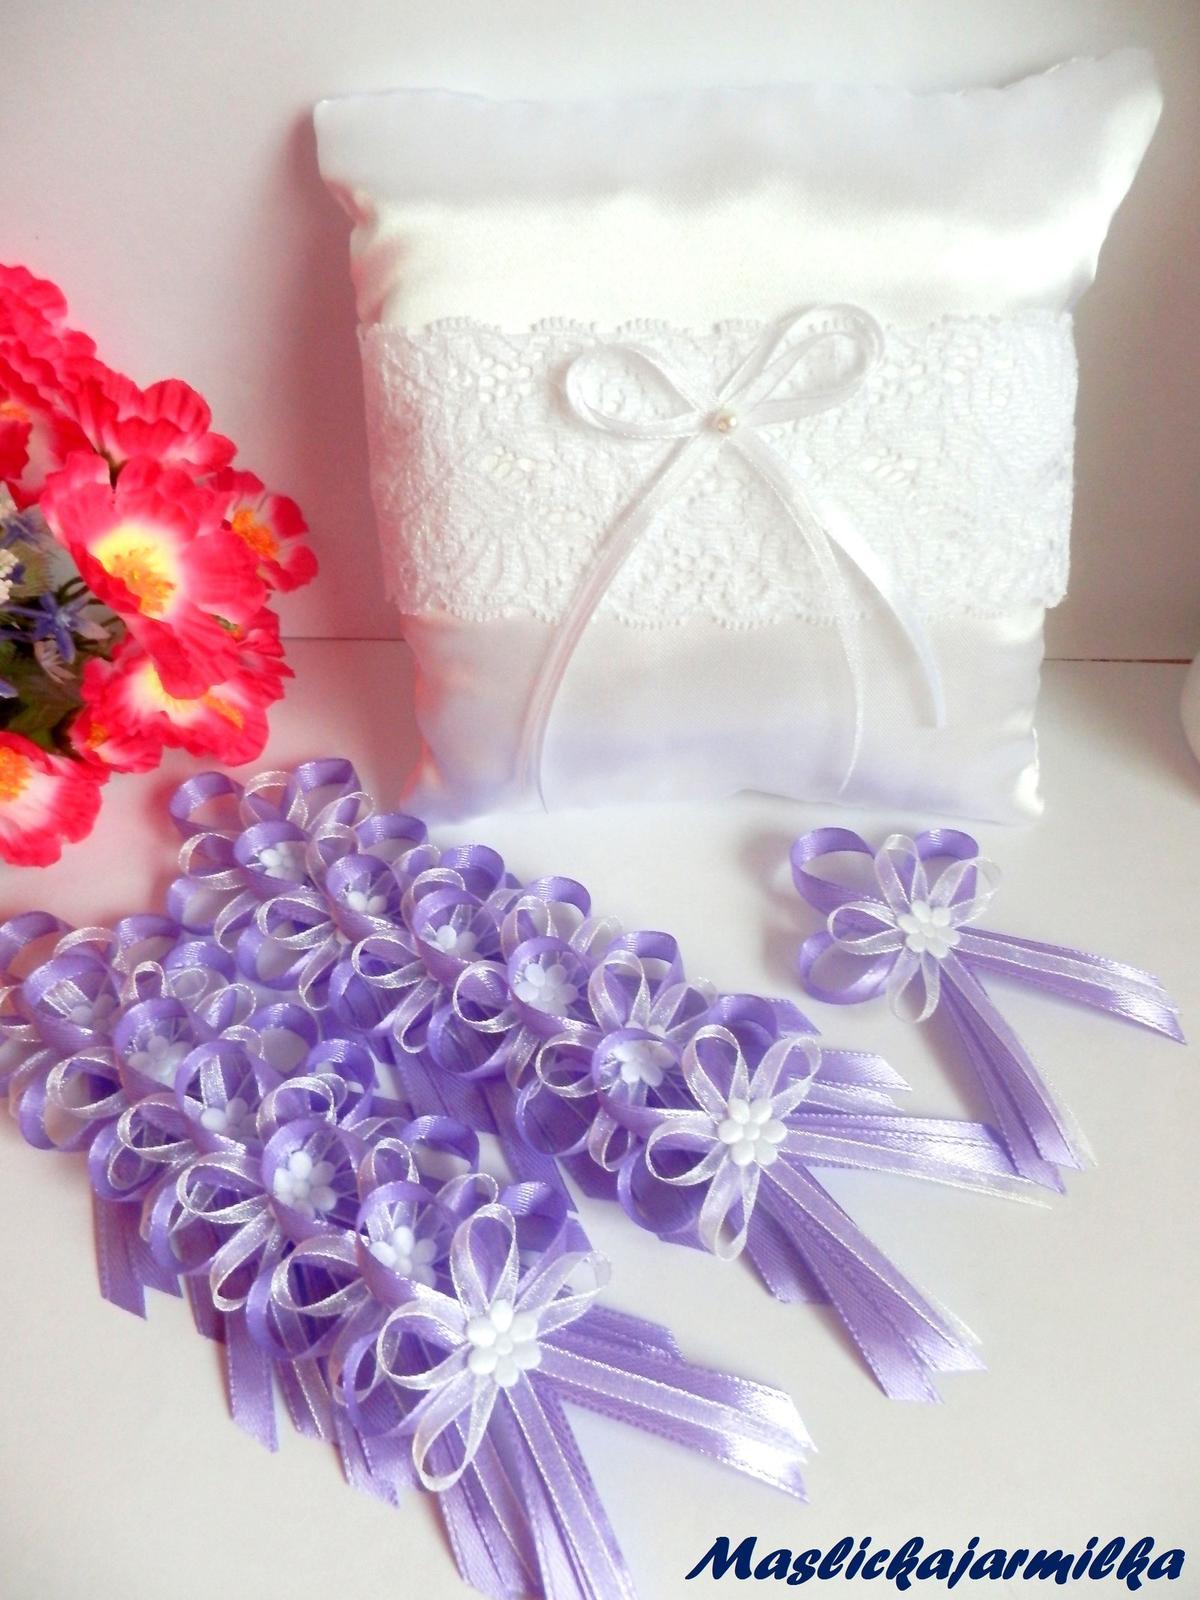 Svatební vývazky, podvazky, polštářky pod prstýnky, náramky.. - Obrázek č. 14